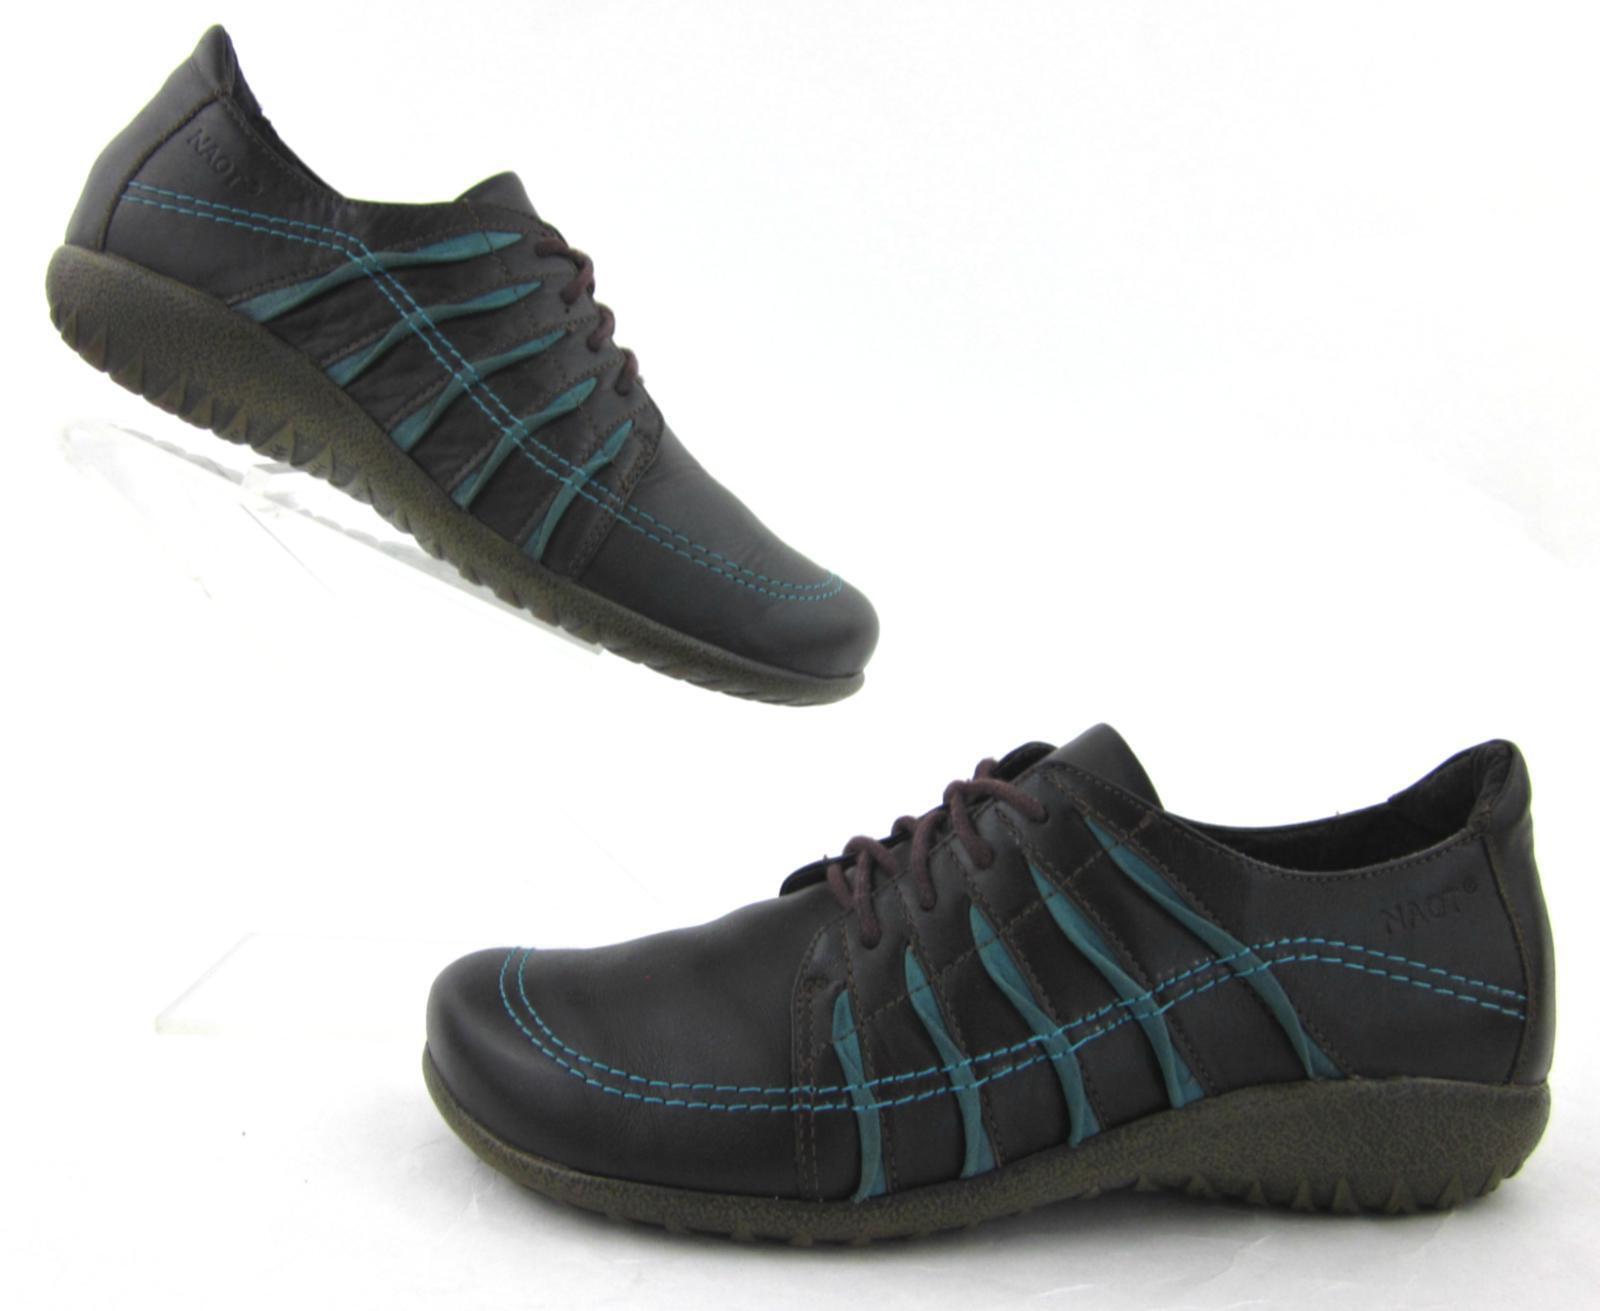 Naot Tanguru Lace Up Oxfords Schuhes Braun / 38 Teal Leder EU 38 / US 7 bcfb70